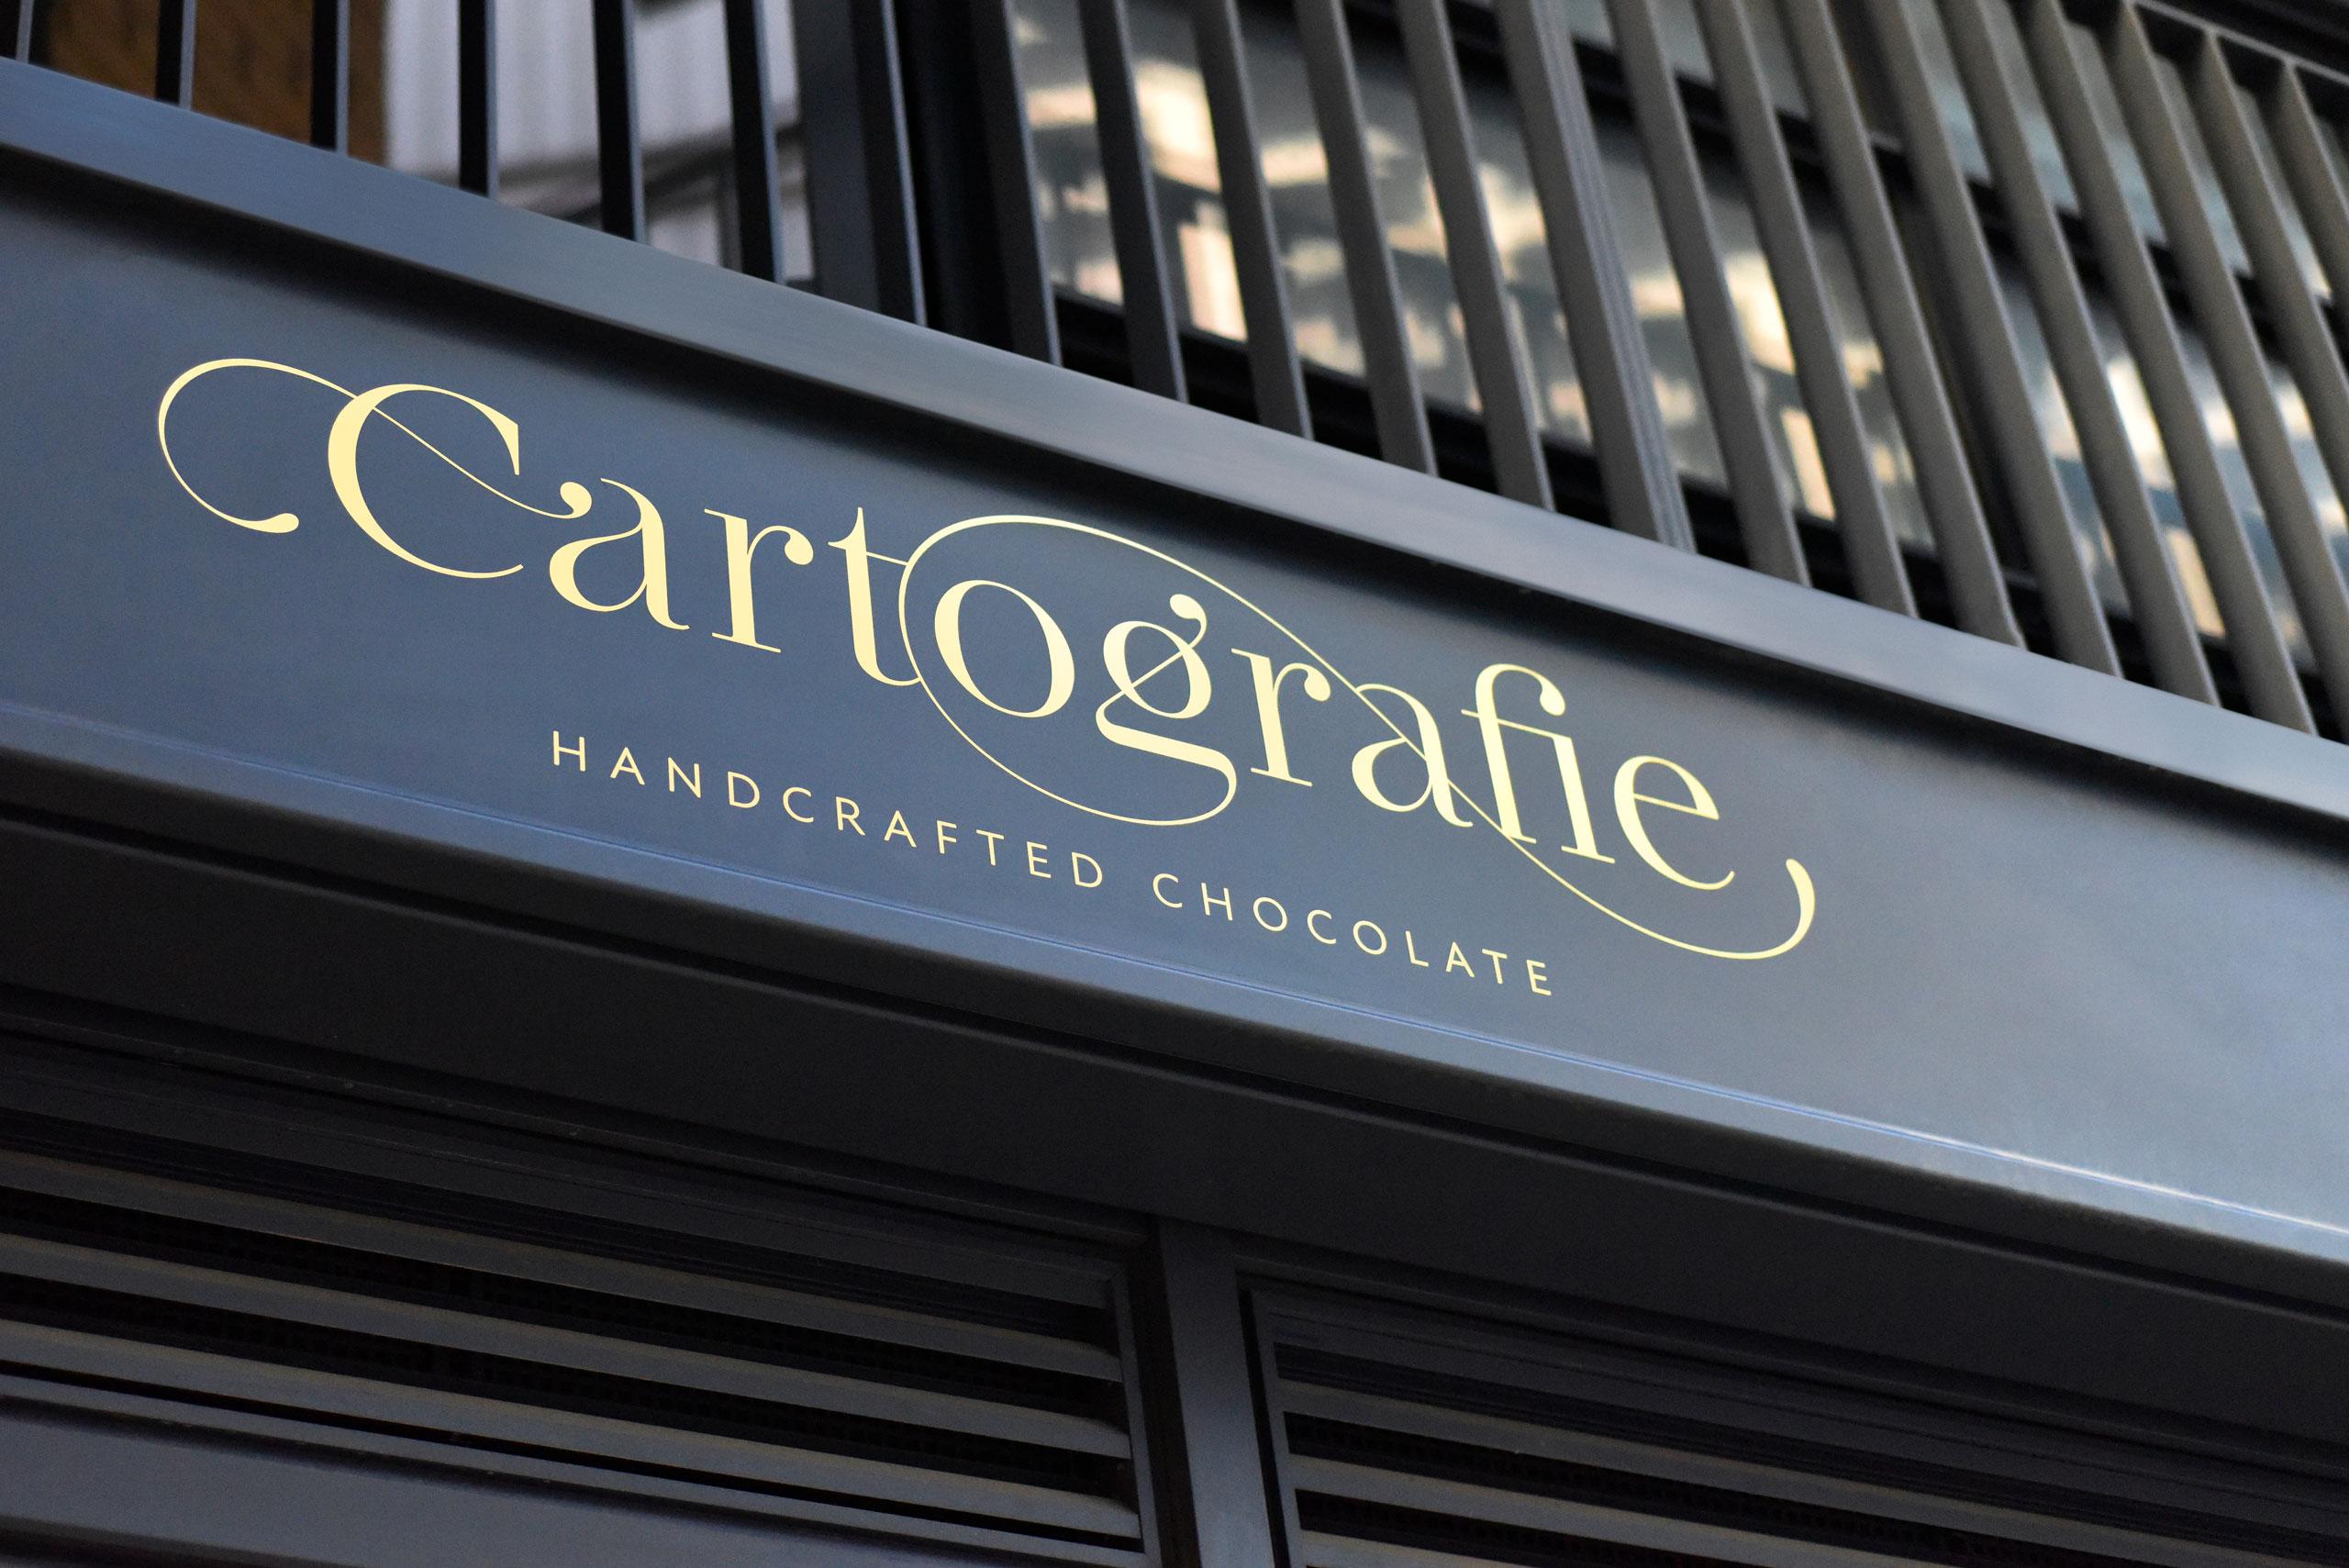 Cartografie Chocolates Shop Facade 2